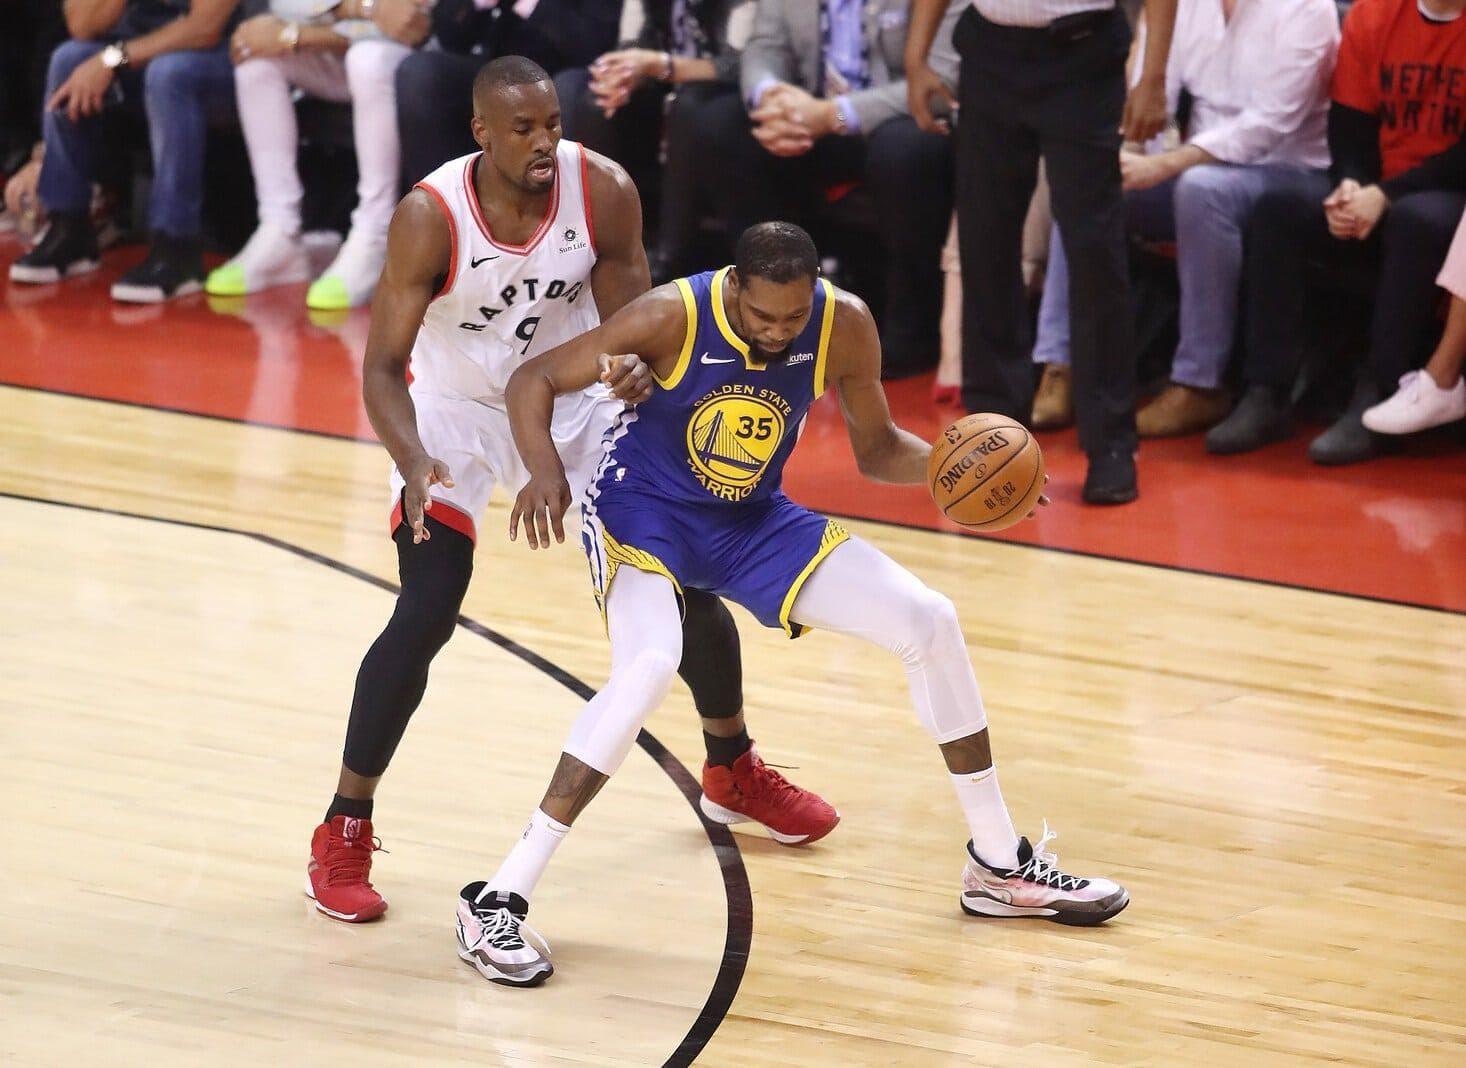 doch der Sieg der Warriors wurde getrübt durch eine schlimme Verletzung von Superstar Kevin Durant. Foto: Claus Andersen/AFP